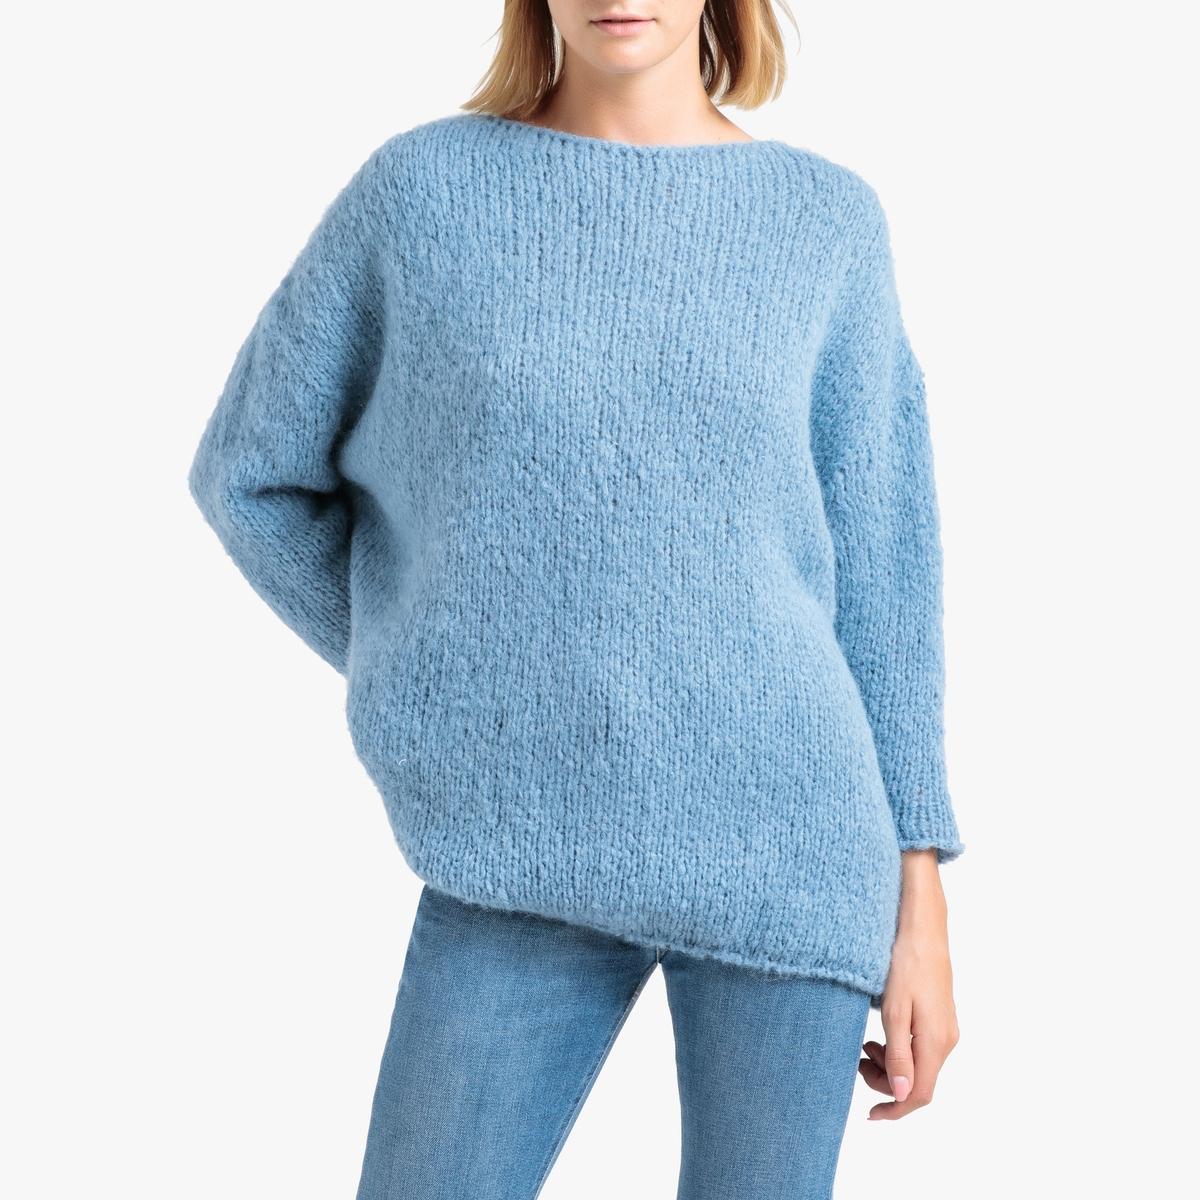 Пуловер La Redoute С вырезом-лодочкой из трикотажа BOOLDER M/L синий пуловер la redoute с круглым вырезом из шерсти мериноса pascal 3xl черный